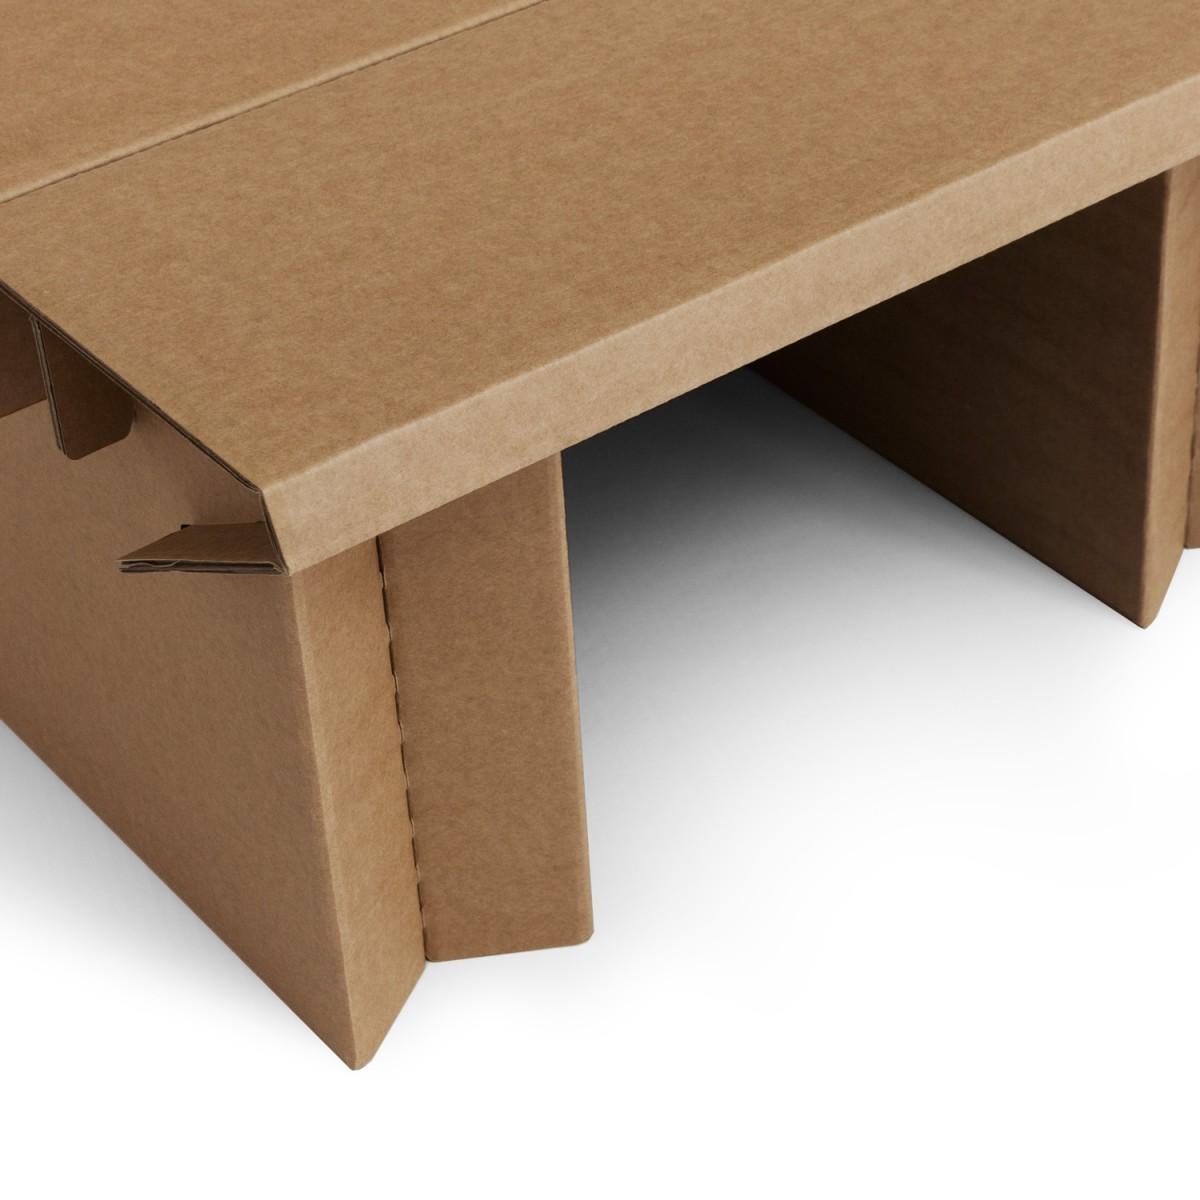 STANGE DESIGN Pappbett DREAM 135 cm